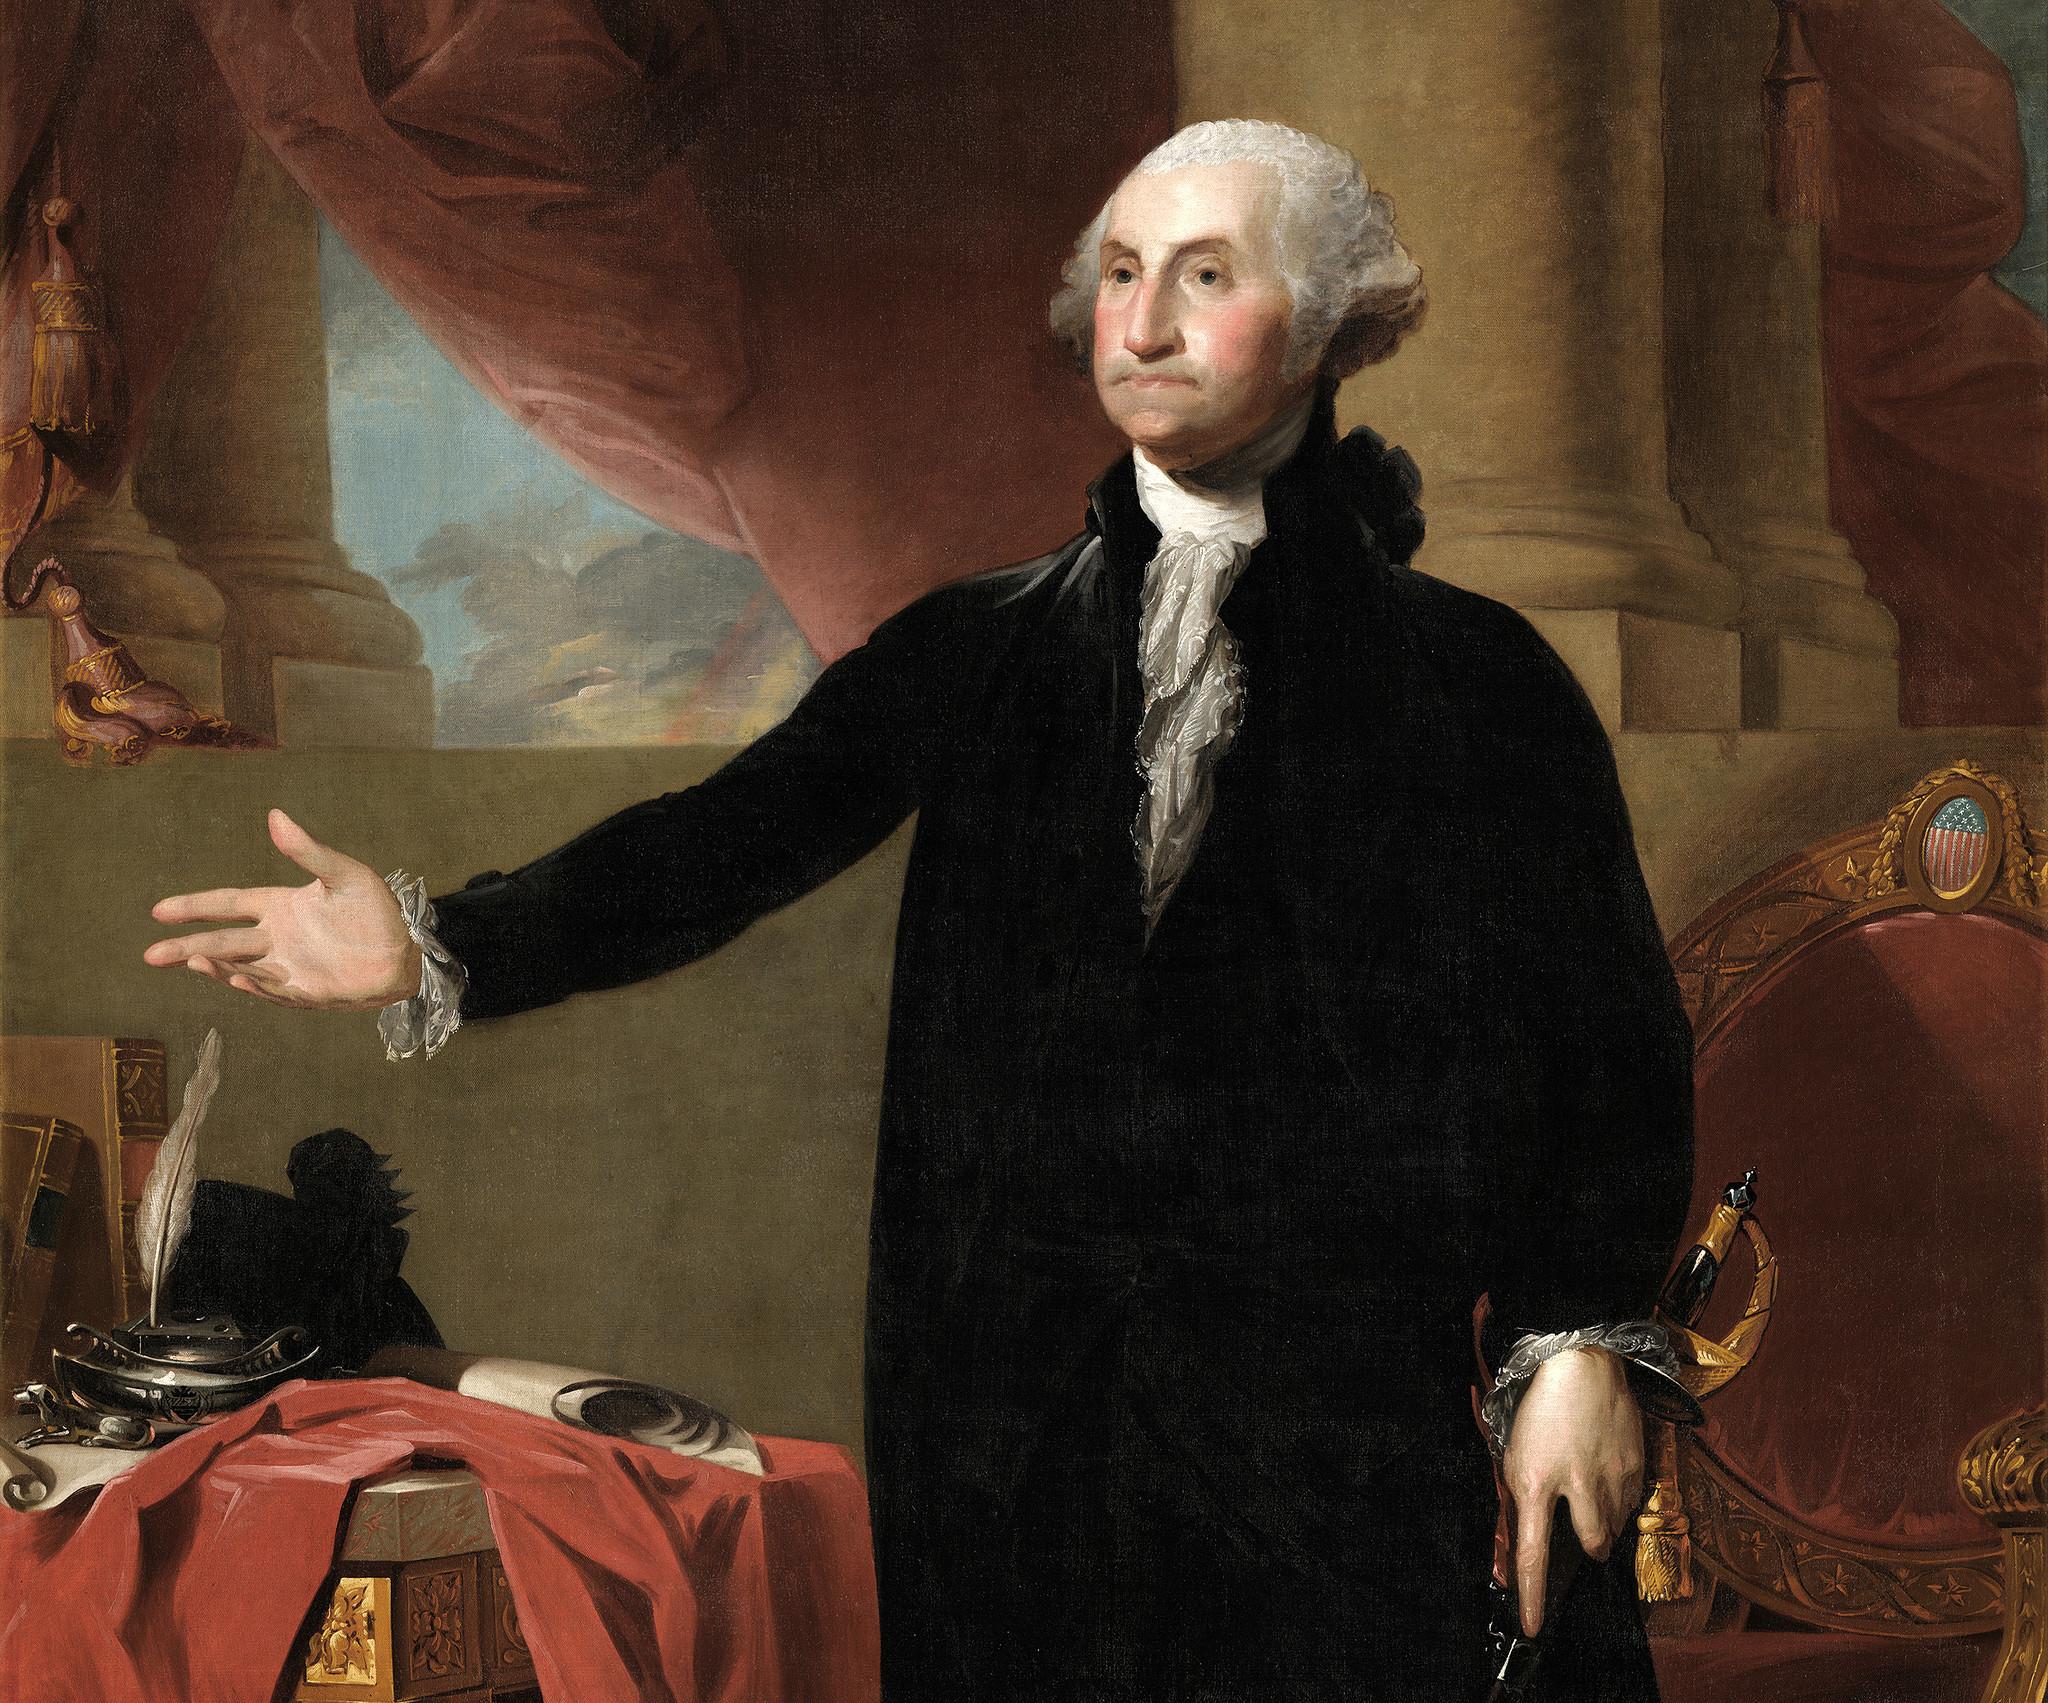 By George: Washington's wisdom resonates today